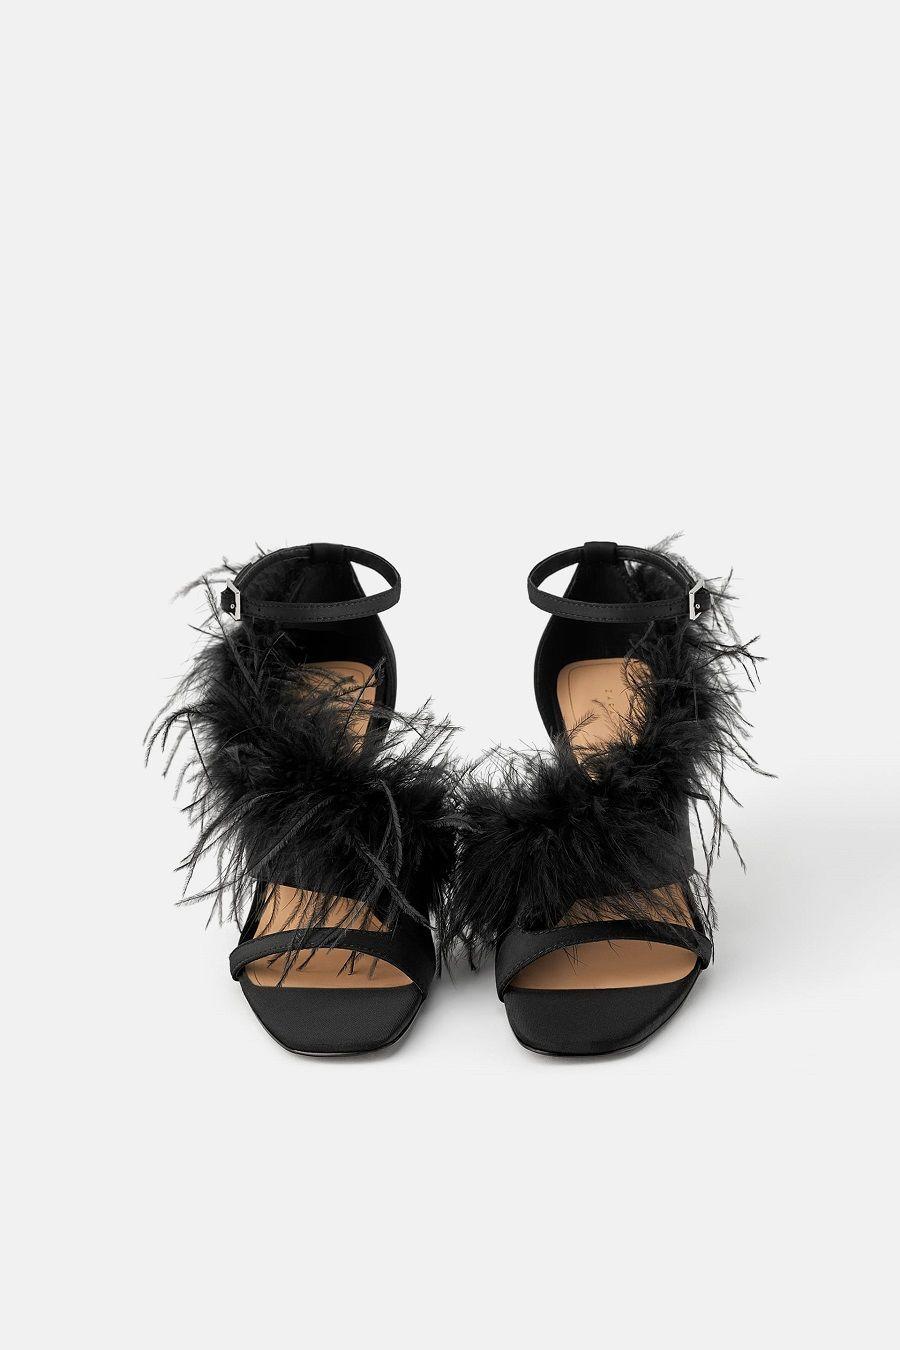 9 Sepatu yang Bikin Kamu Kelihatan Elegan saat Hadiri Pesta Natal